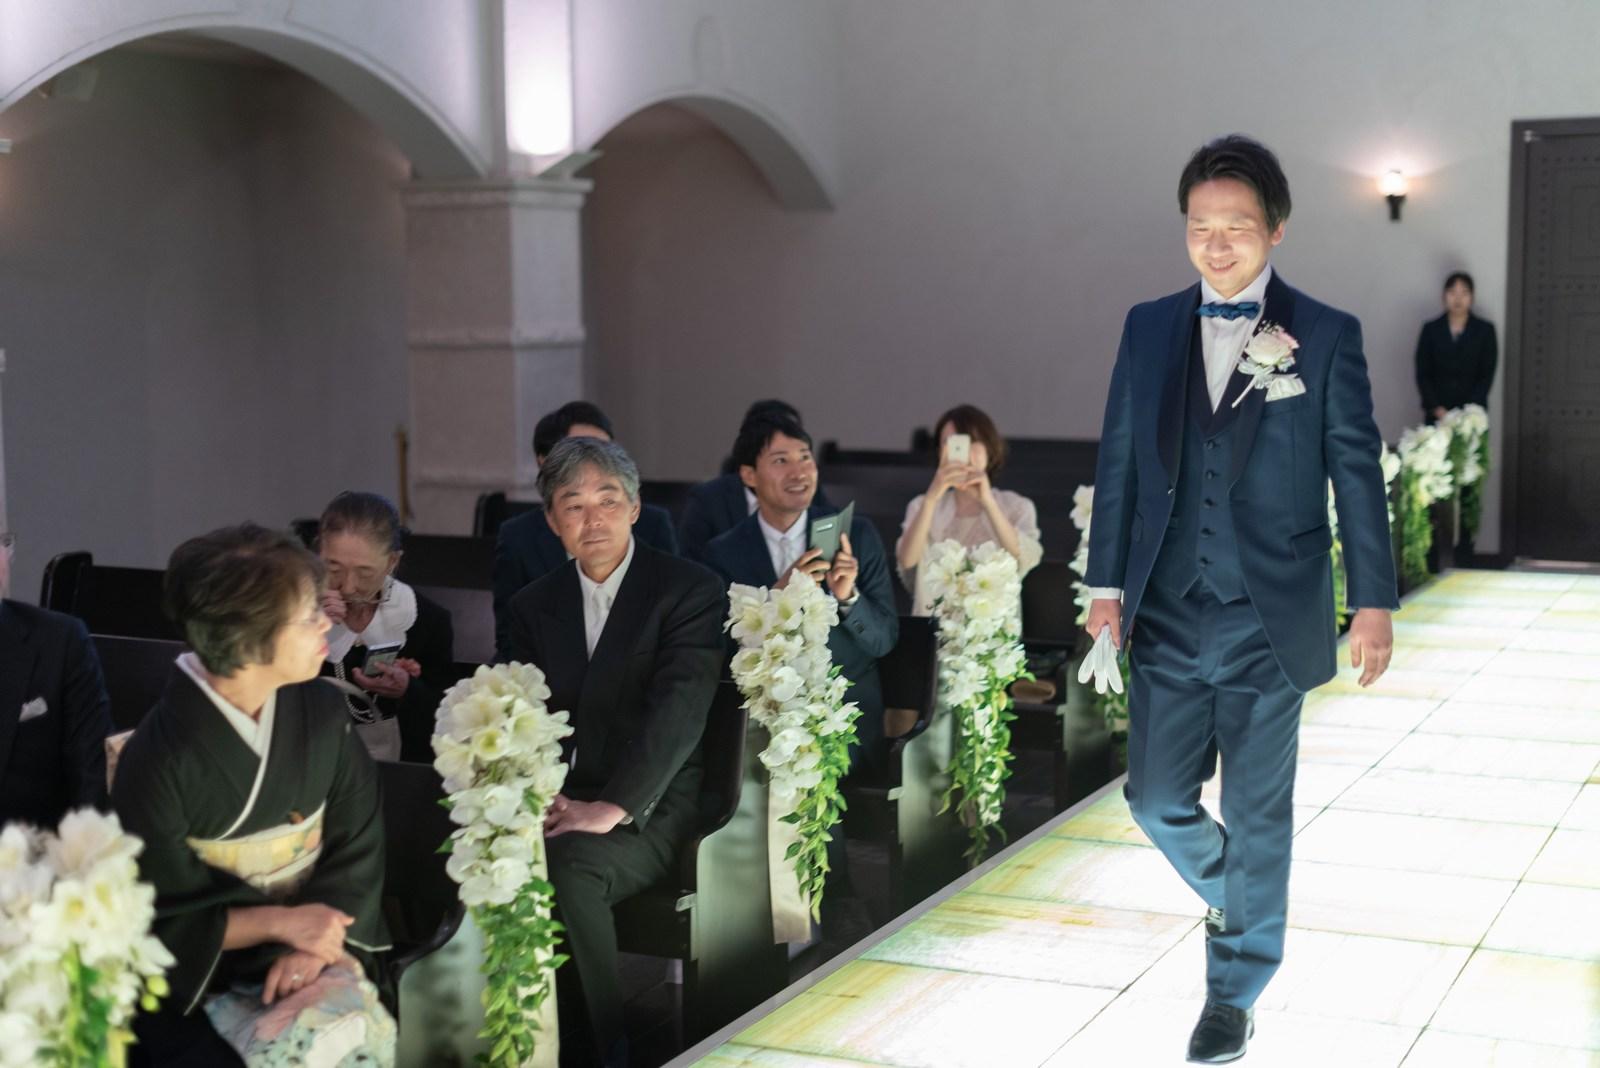 香川県の結婚式場のシェルエメール&アイスタイル 挙式新郎入場